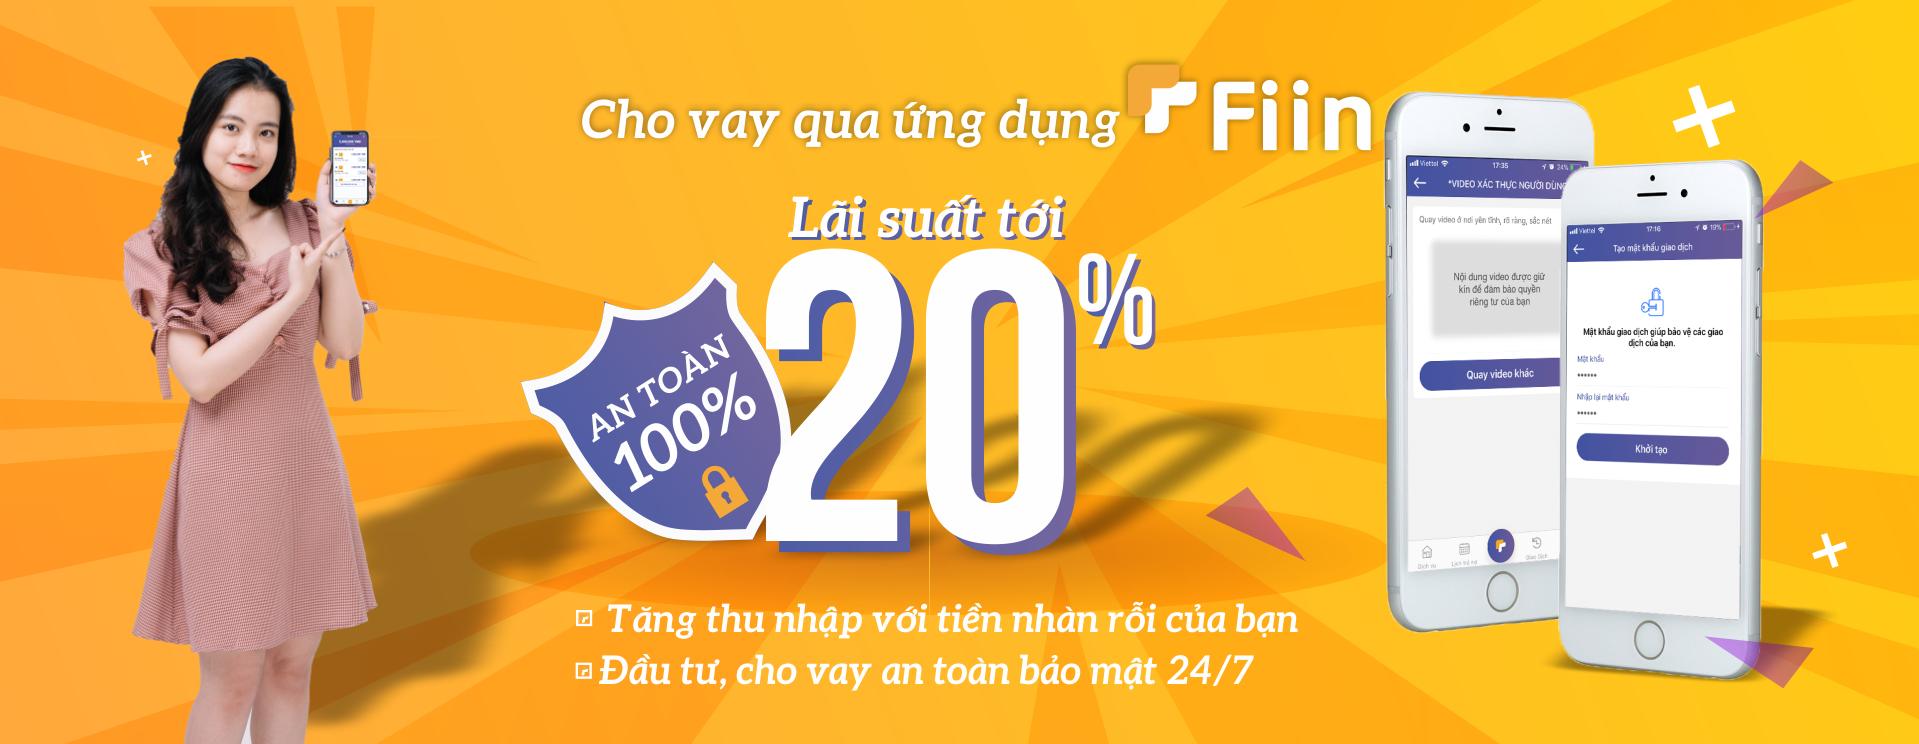 Công Ty Cổ Phần Đổi Mới Tài Chính Fiincung cấp dịch vụ P2P Lending